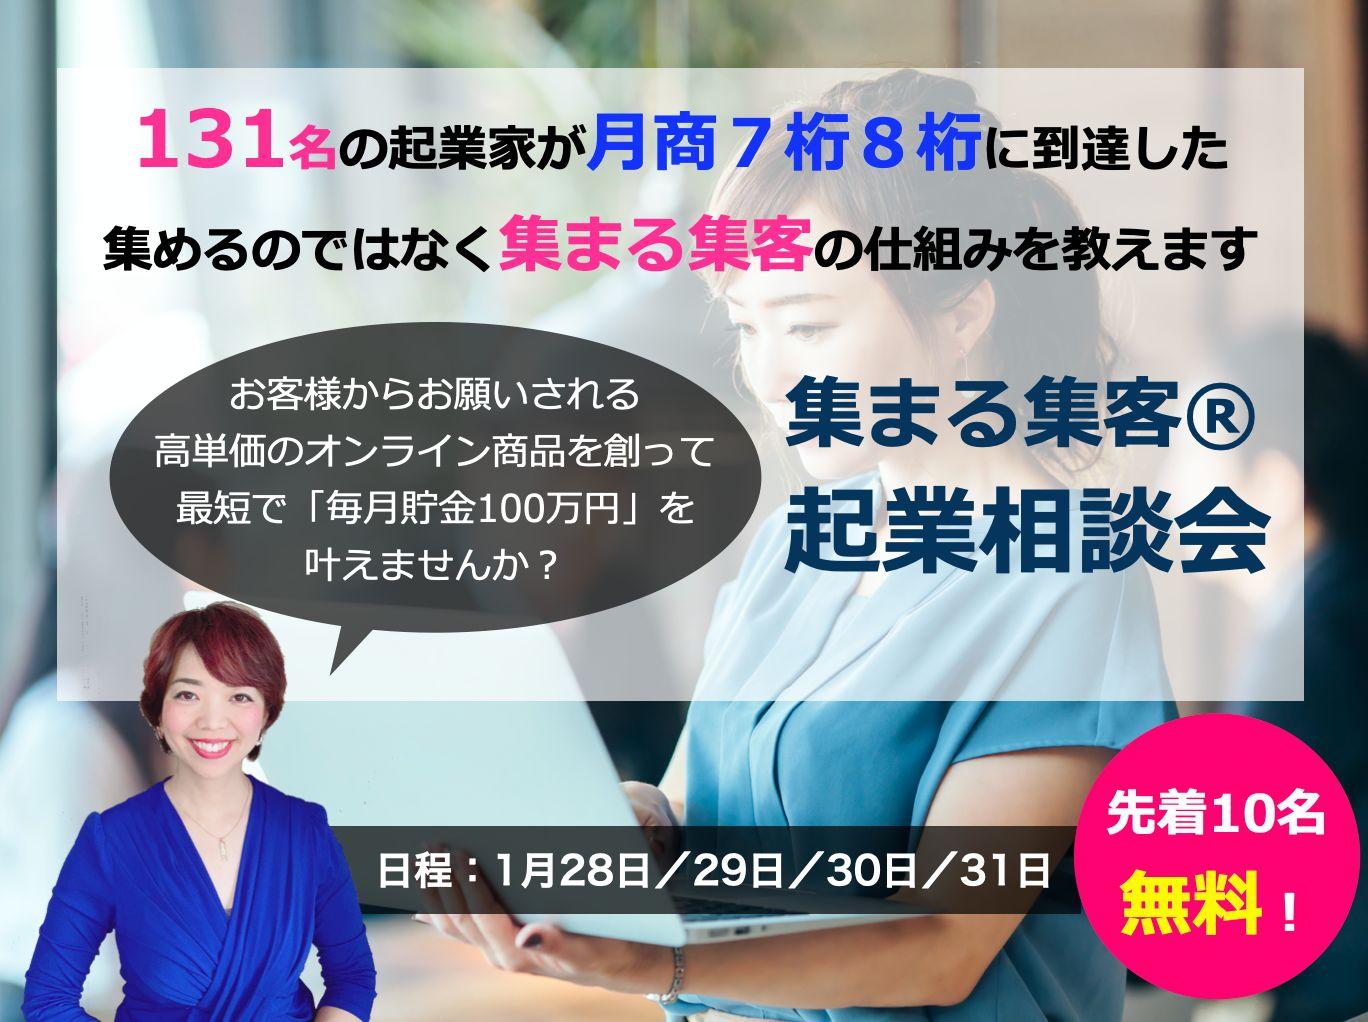 個別相談会2021-01-27 9.20.12.png